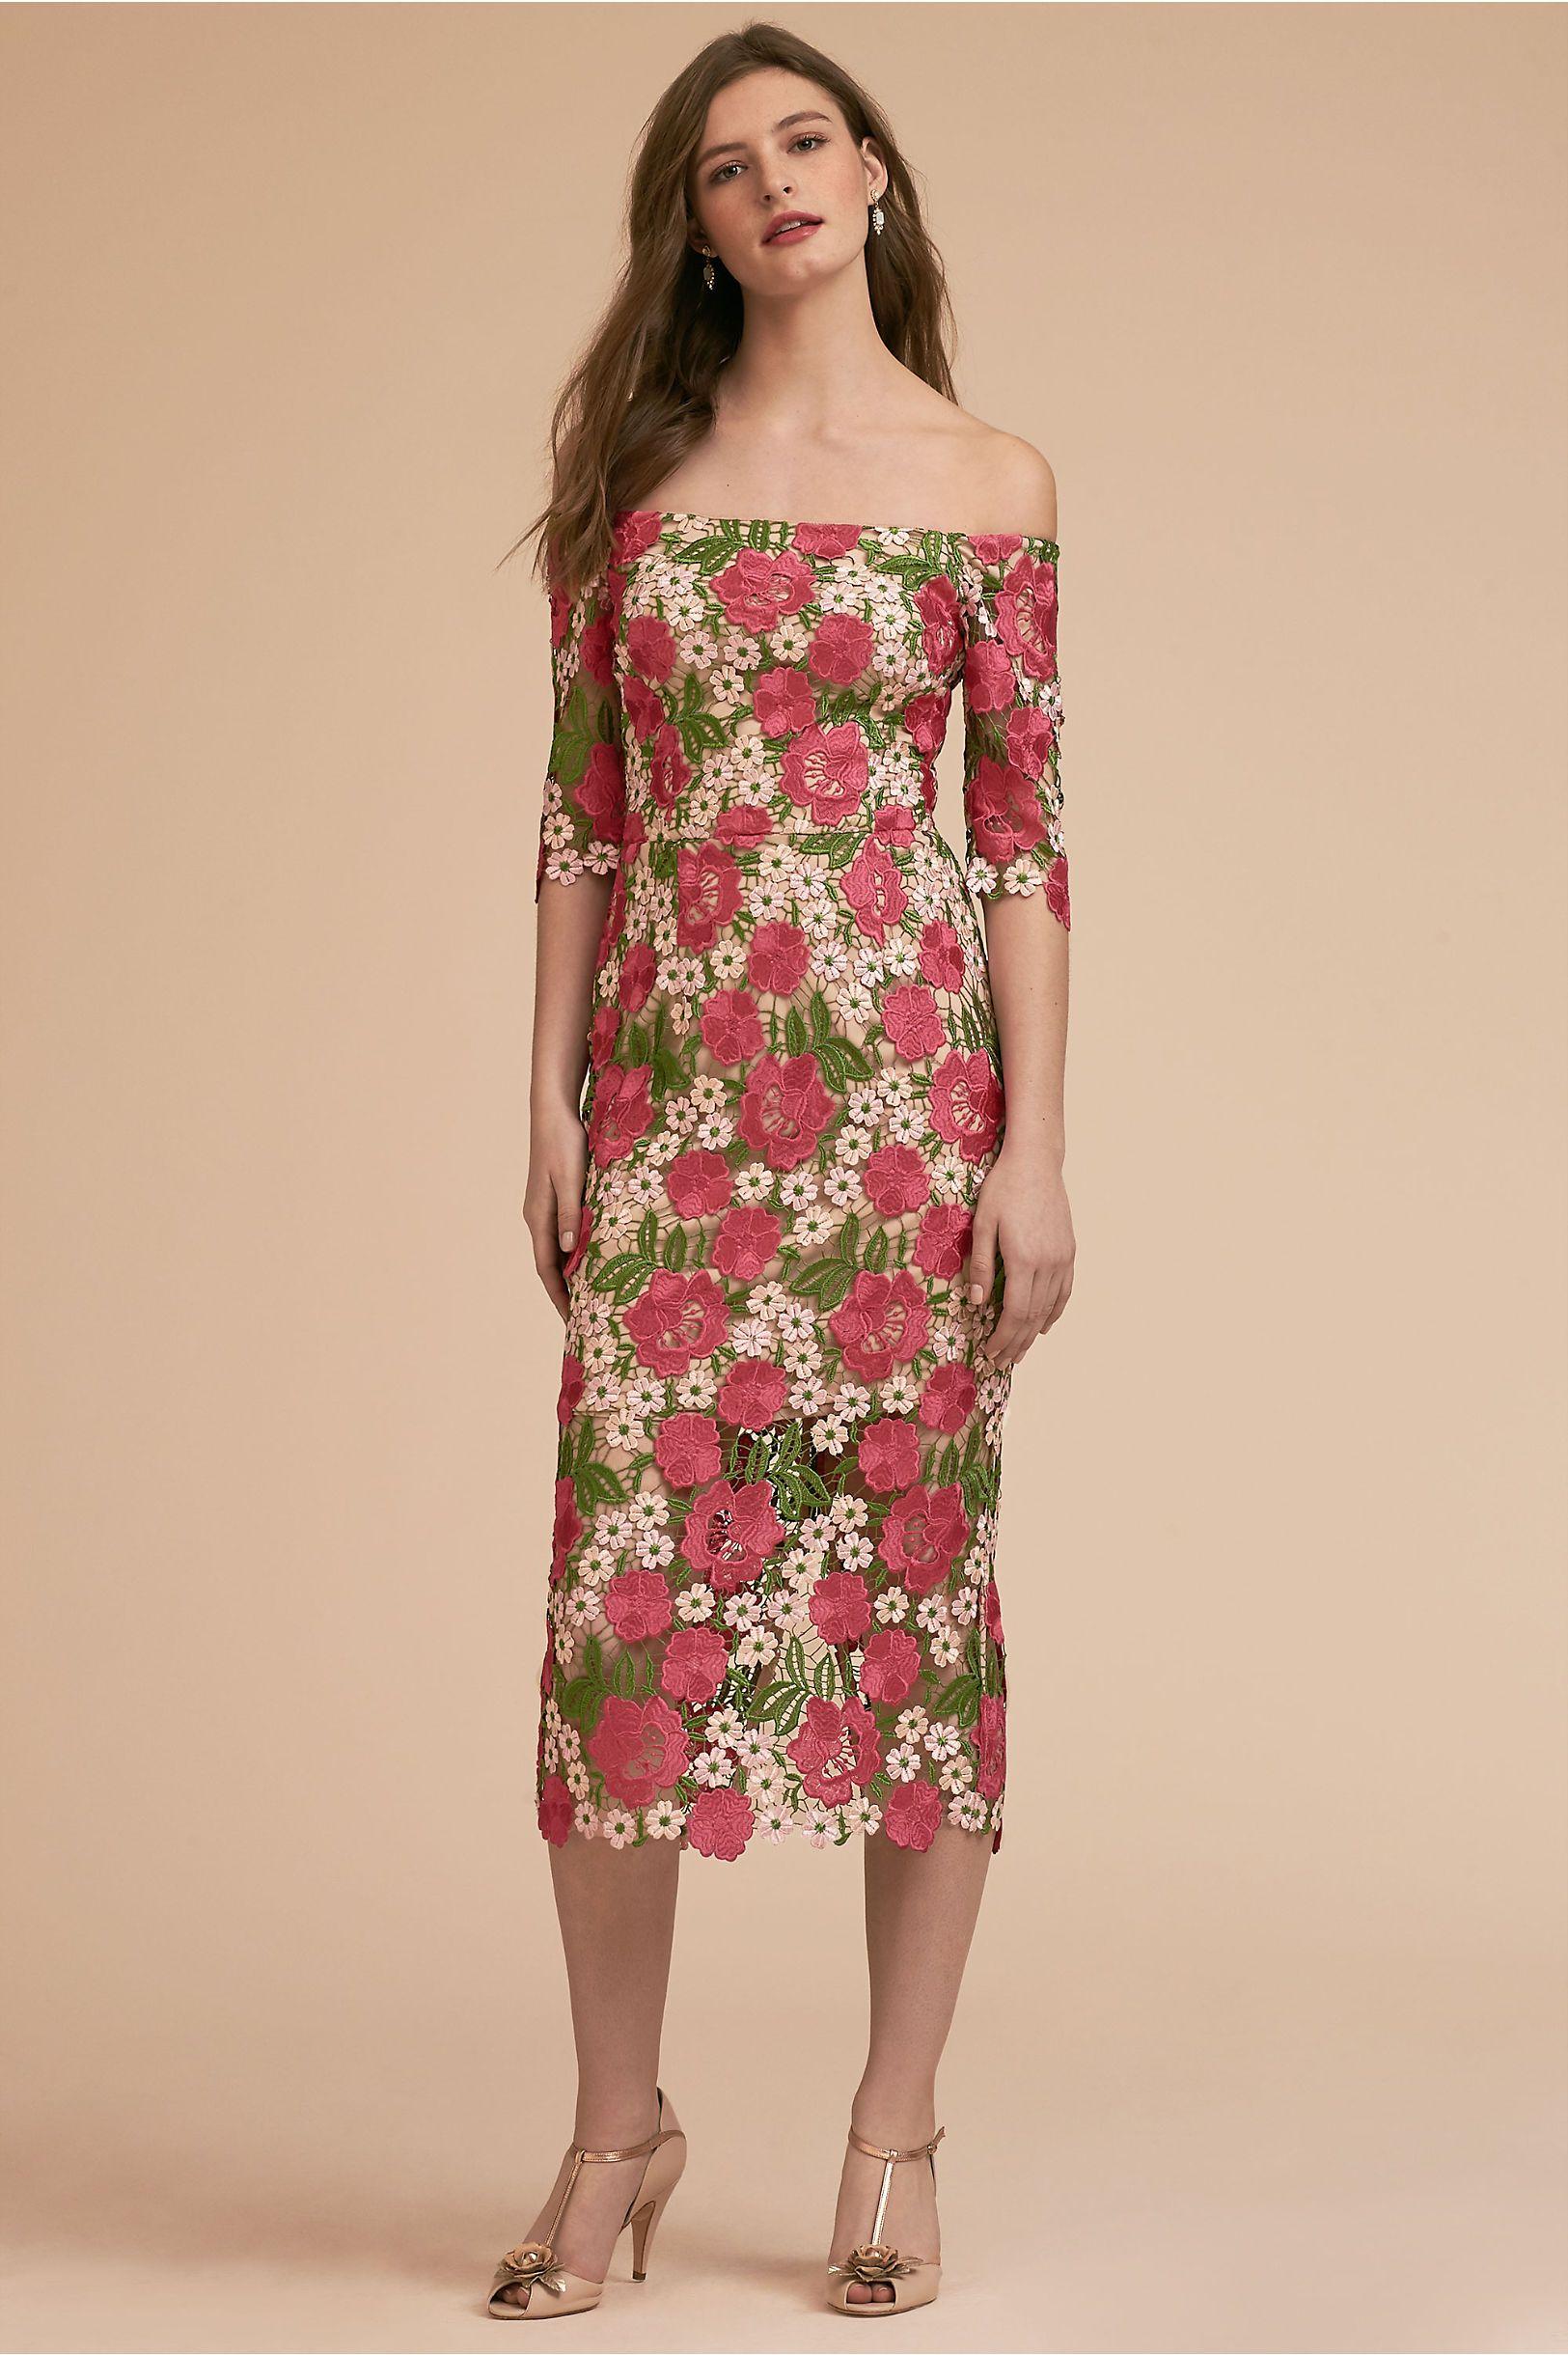 Bhldn tamblyn dress pink multi in occasion dresses bhldn w e a r